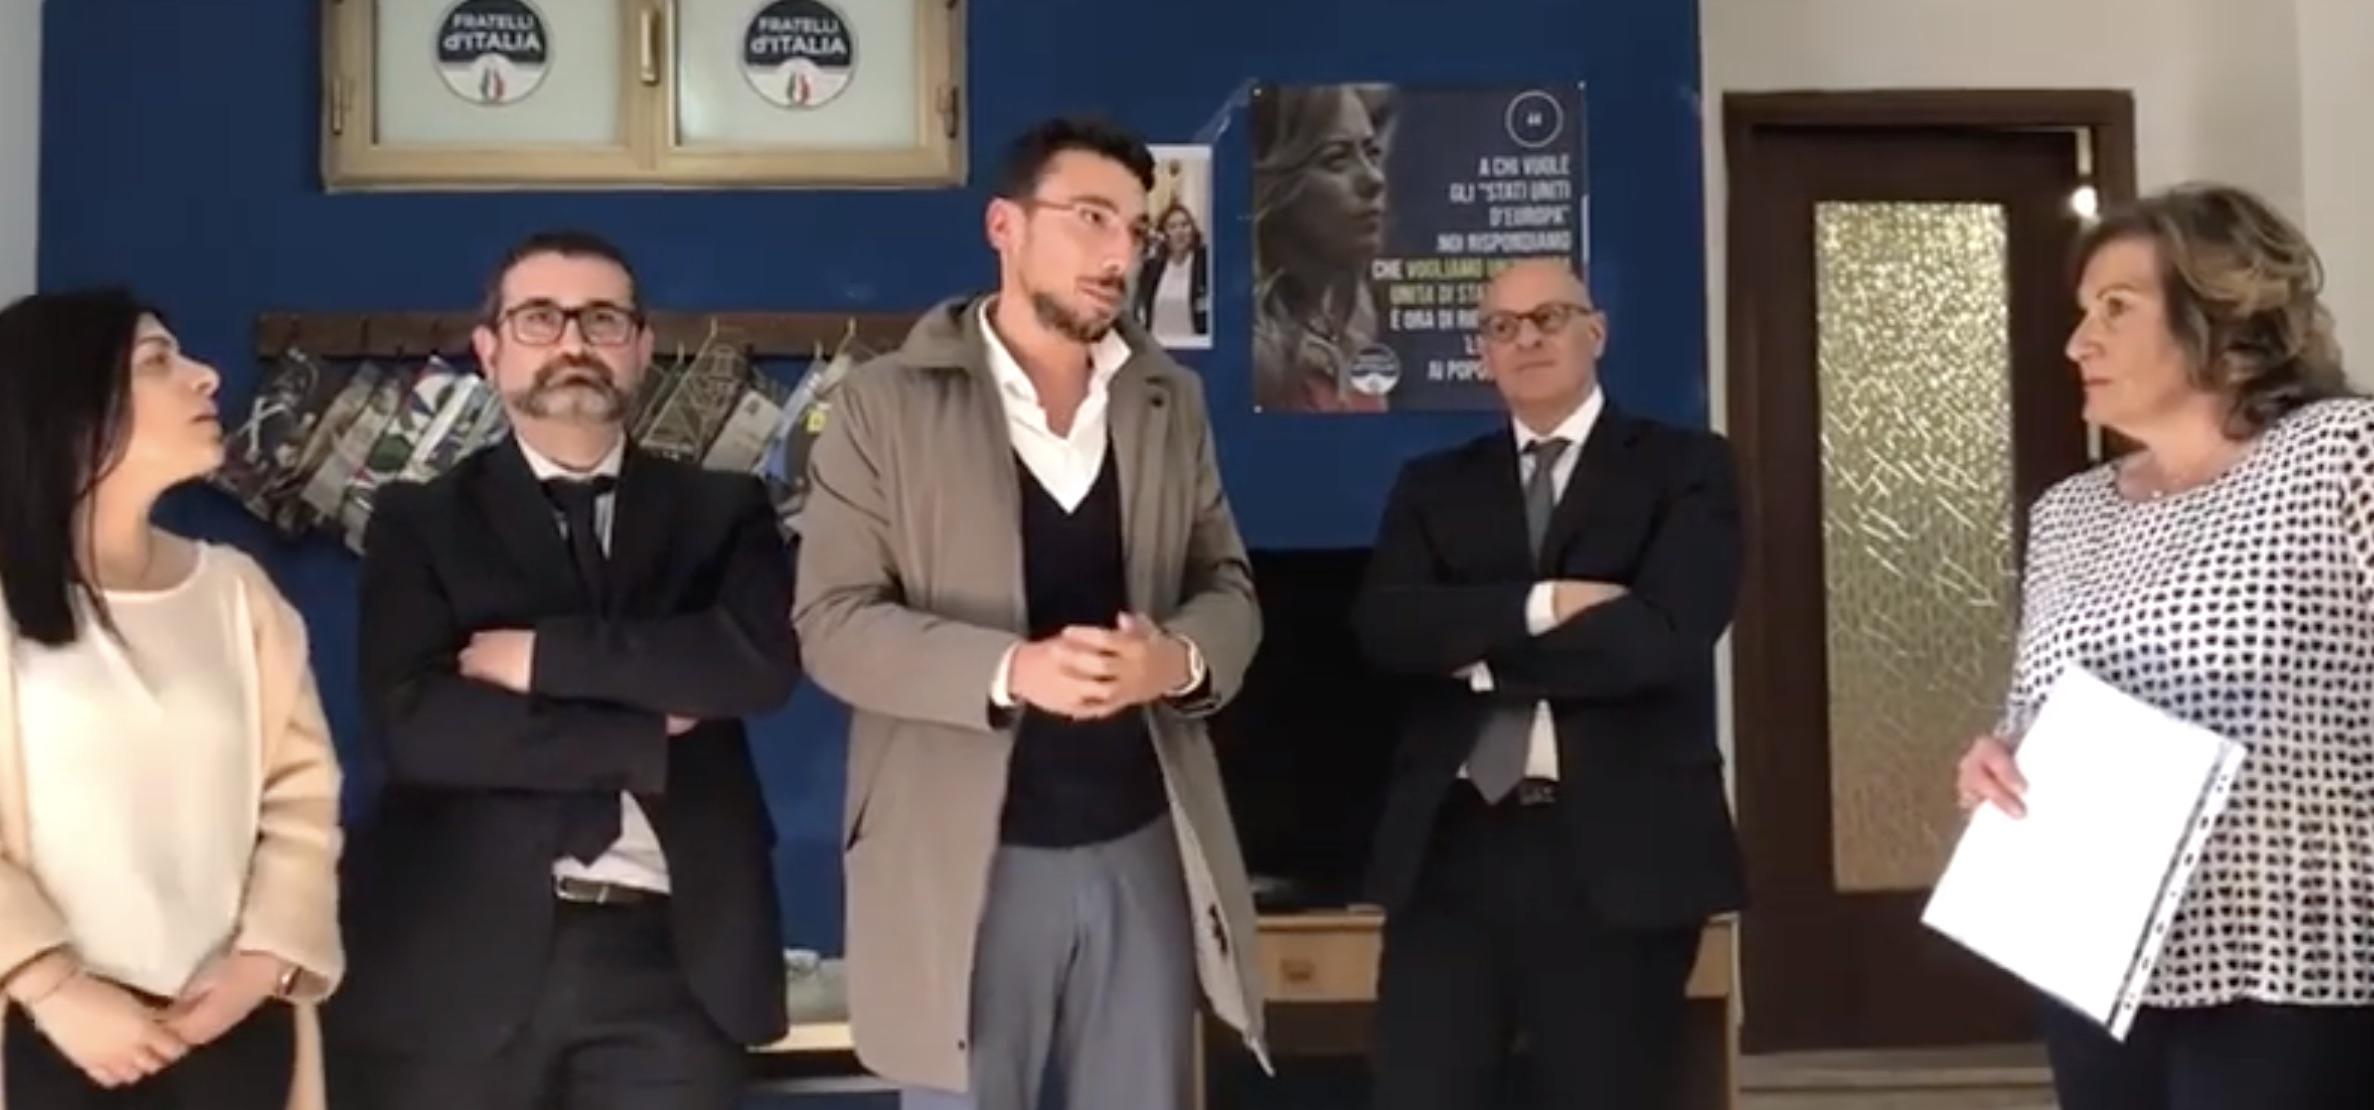 Video Pozzi inaugurazione circolo FdI Guidonia